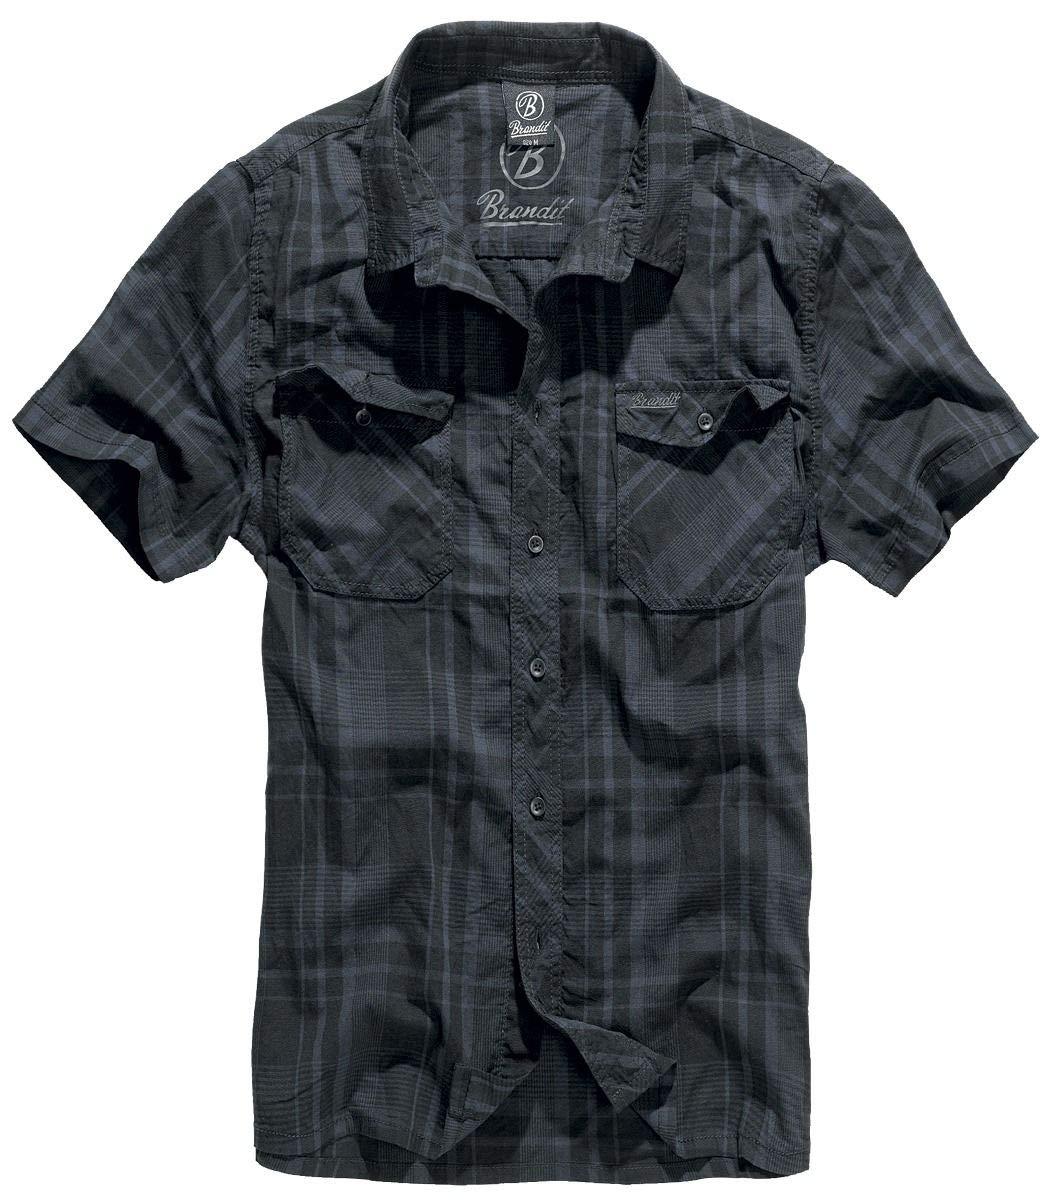 Brandit Hombres Roadstar Camisa Negro / Azul